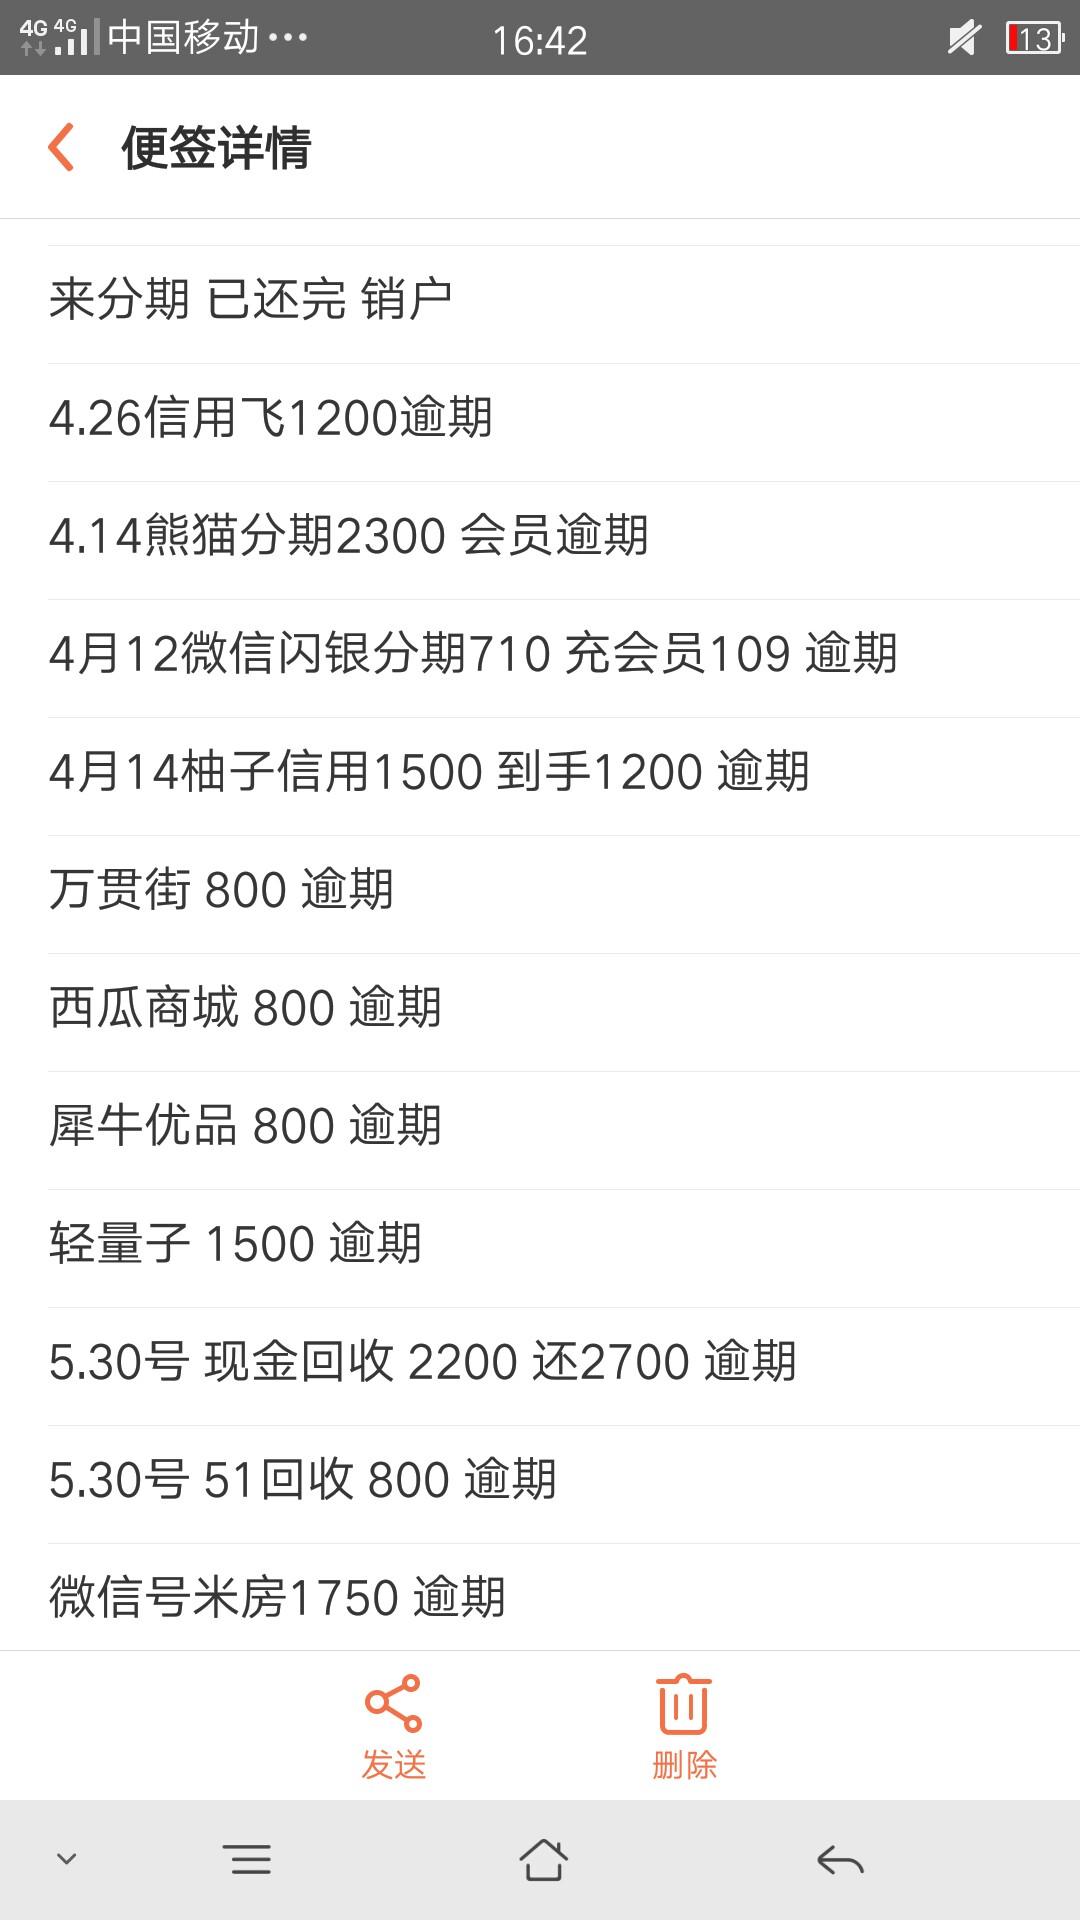 【领取春节福利】人人有份,抢完为止!最高18888花贝!1 / 作者:贵G撸侠 /